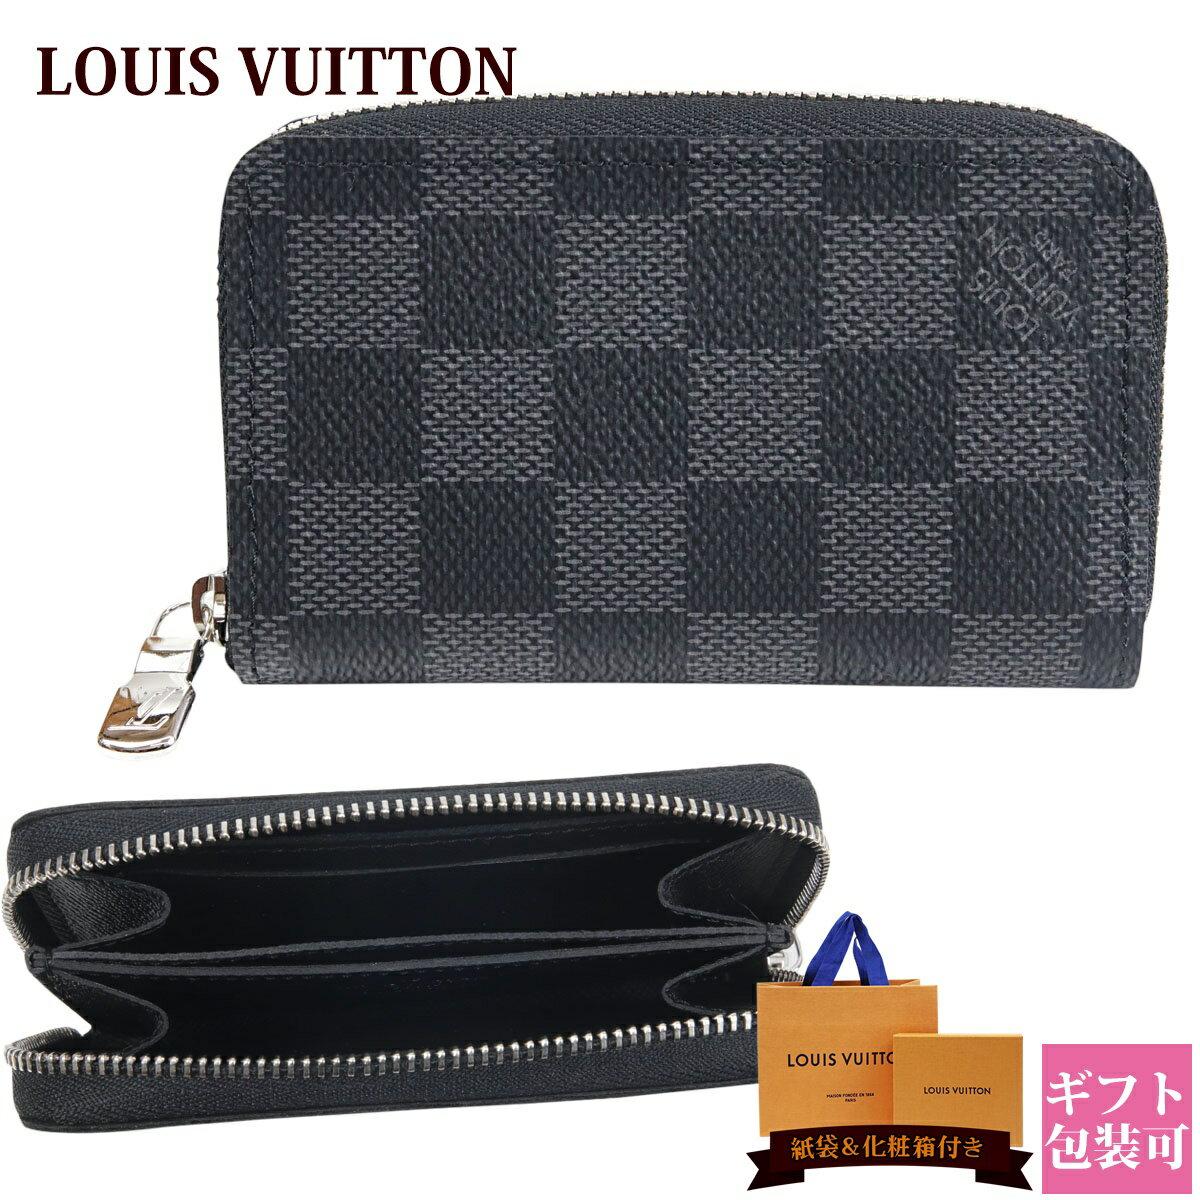 財布・ケース, メンズコインケース  N63076 LOUIS VUITTON 2020